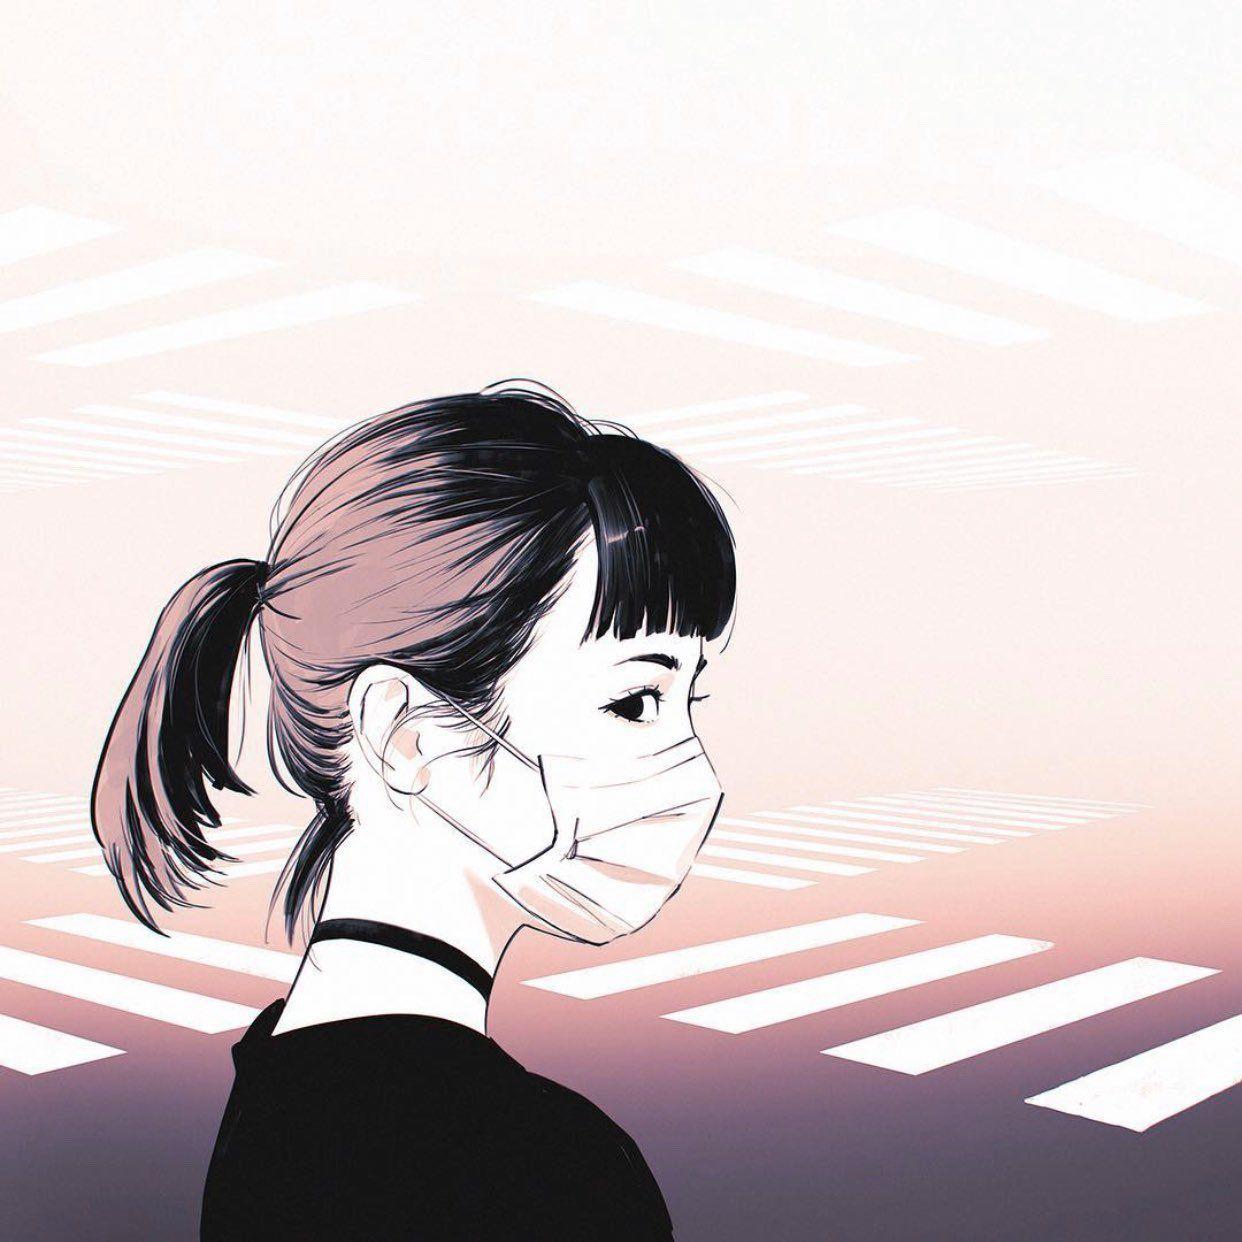 イリヤ 攻殻機動隊sac 2045配信中 on twitter ilya kuvshinov aesthetic art kawaii illustration